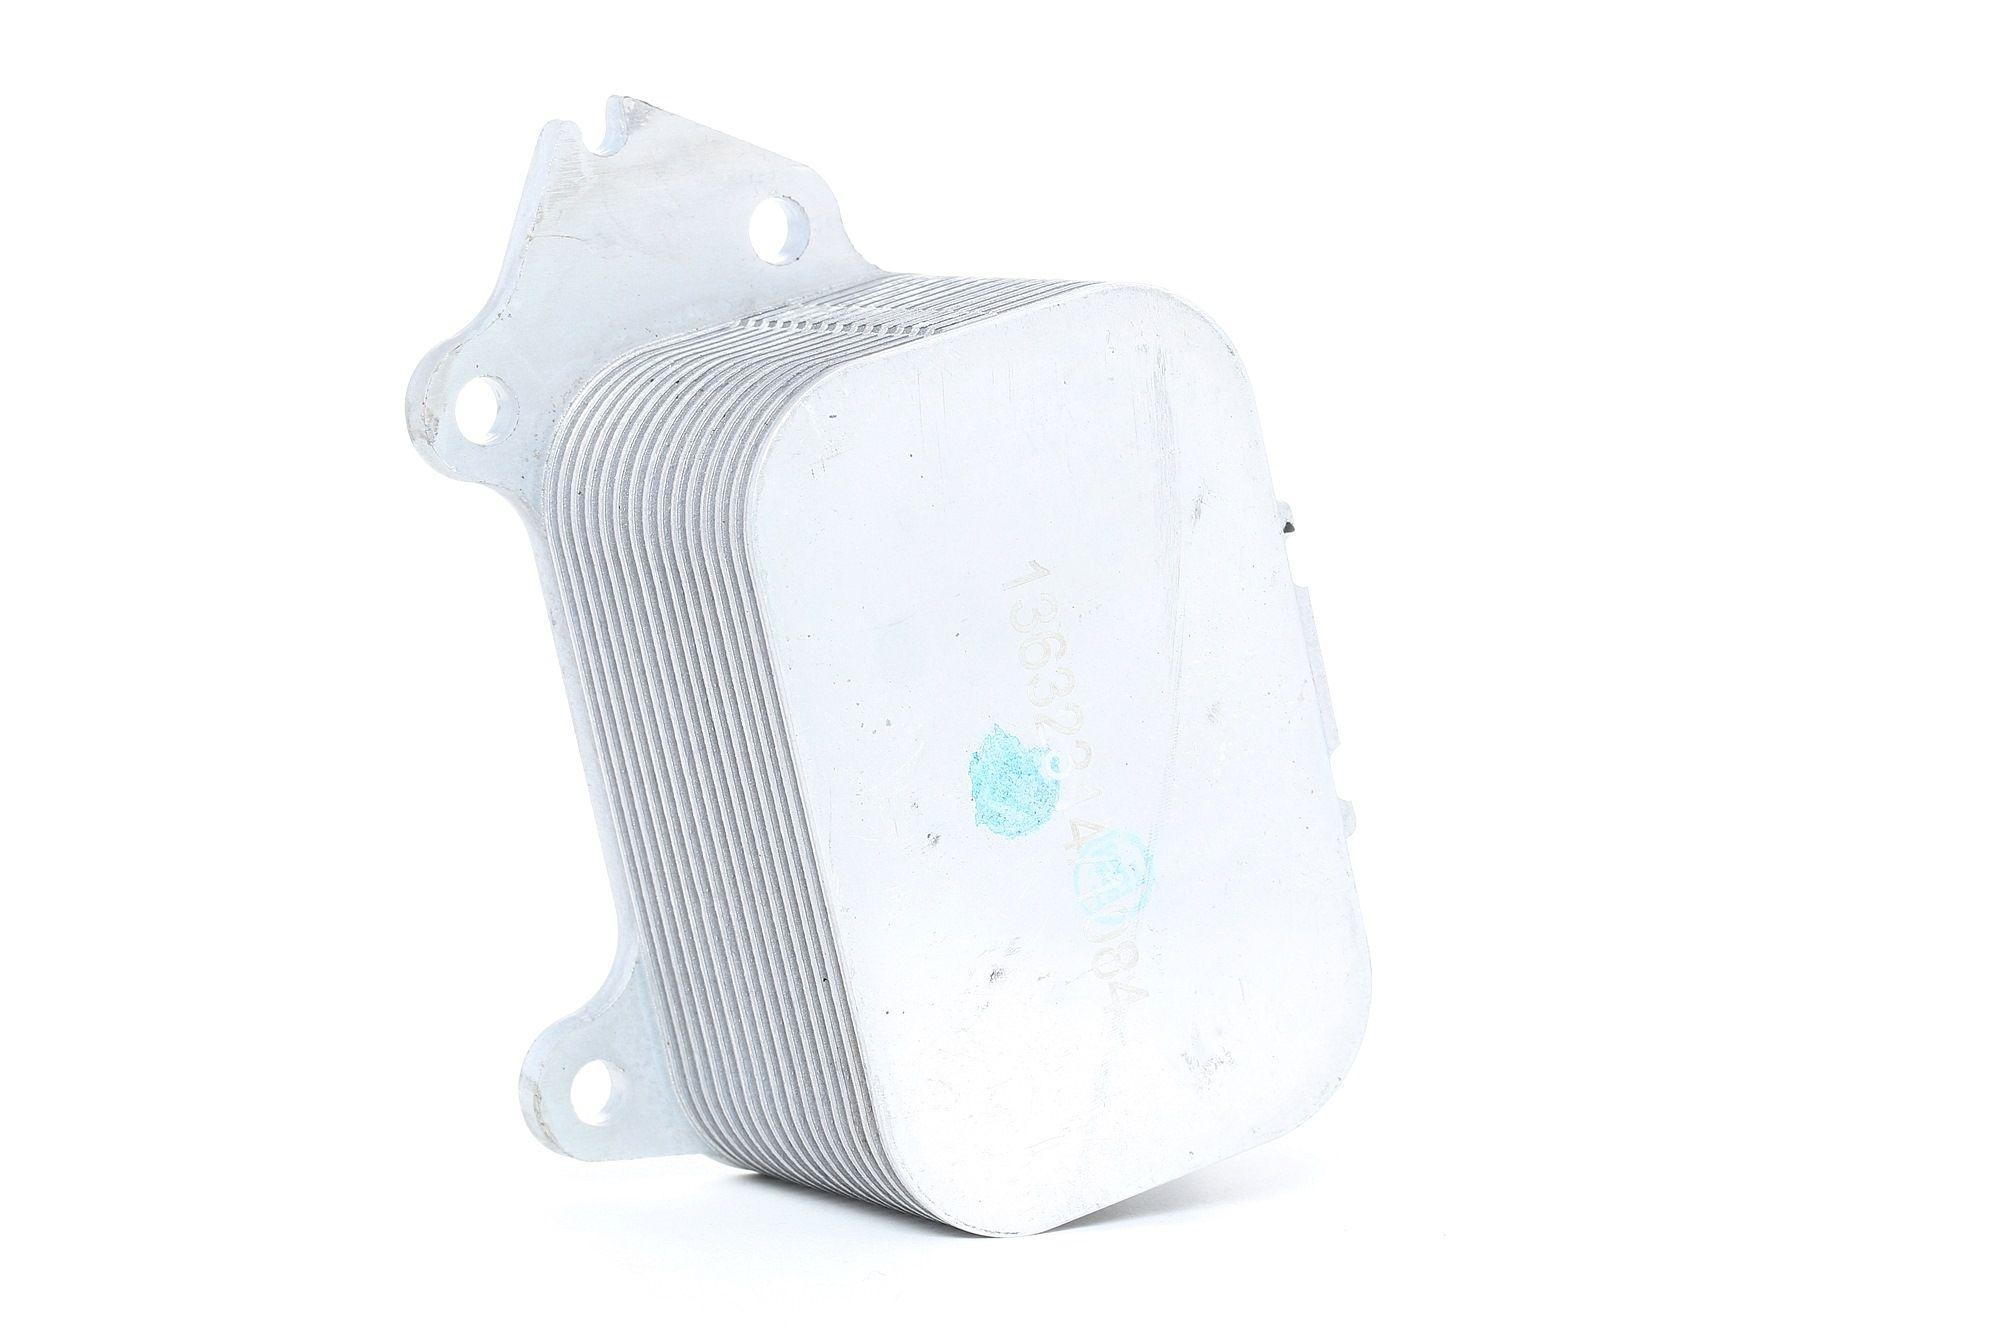 Ölkühler Wärmetauscher 469O0032 rund um die Uhr online kaufen